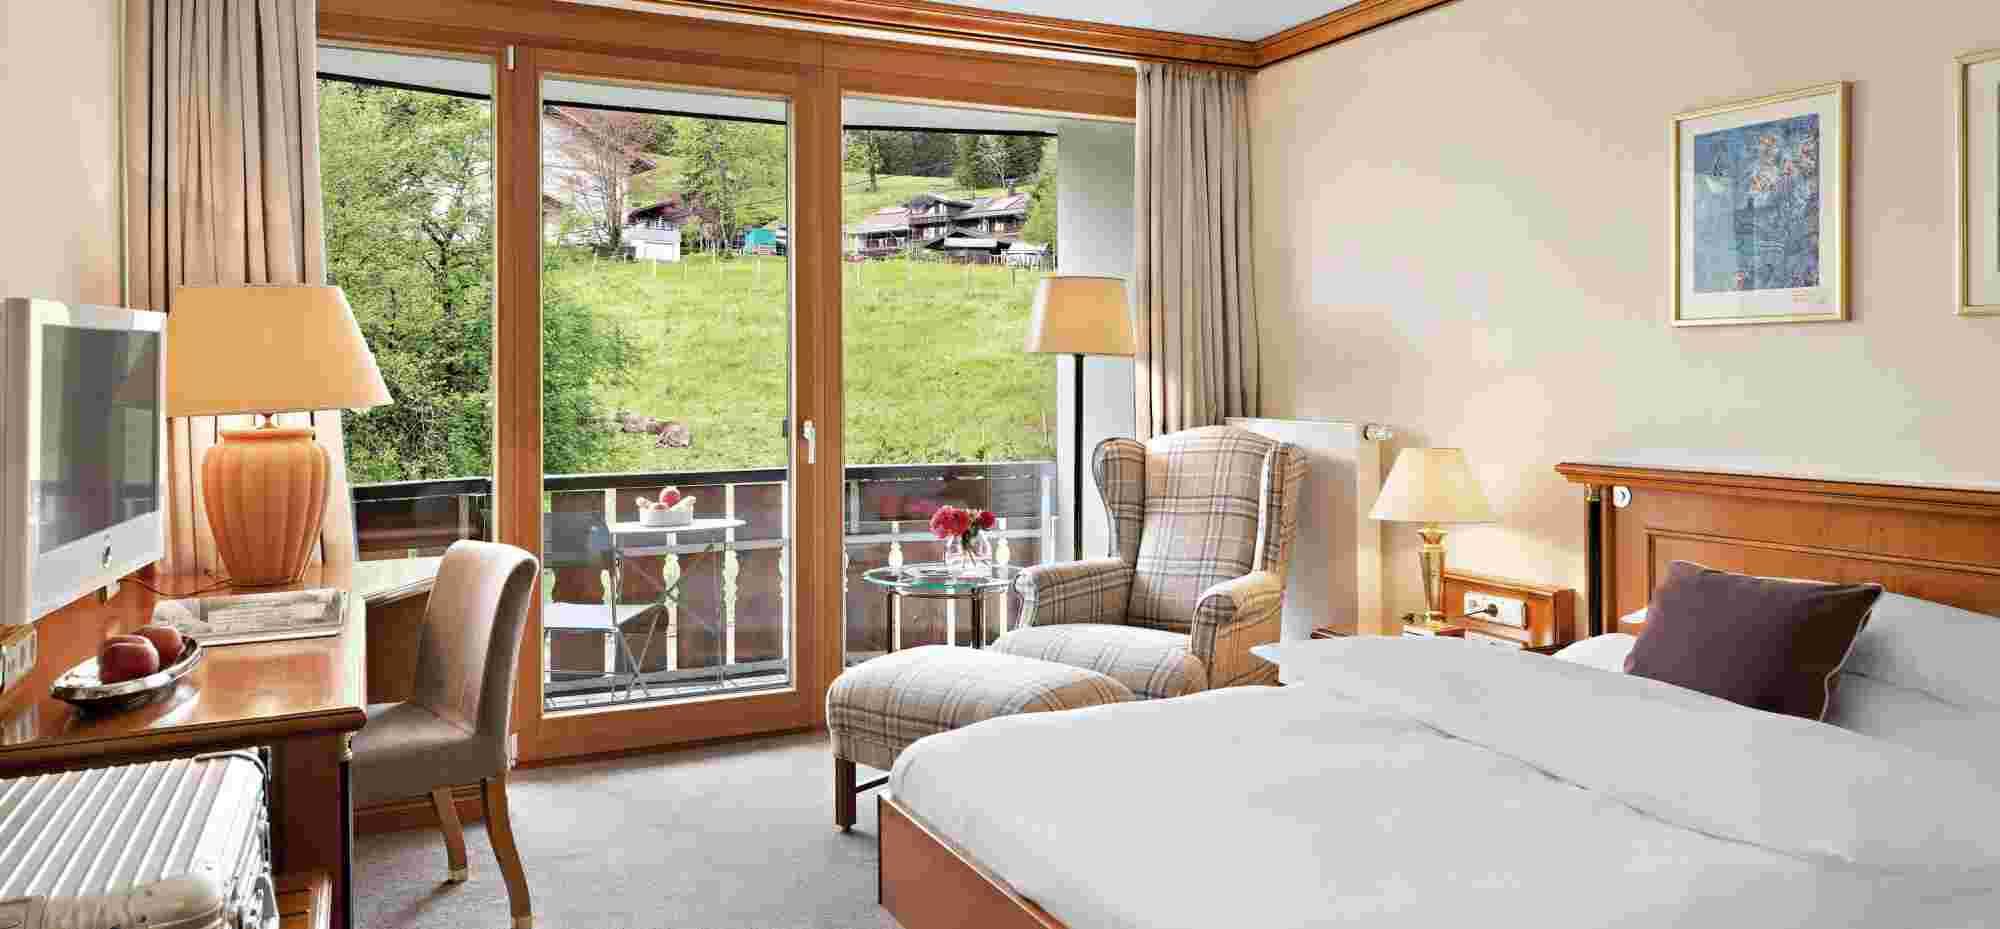 Comfort Einzelzimmer mit Blick nach Westen im Hotel Allgäu Sonne in Oberstaufen